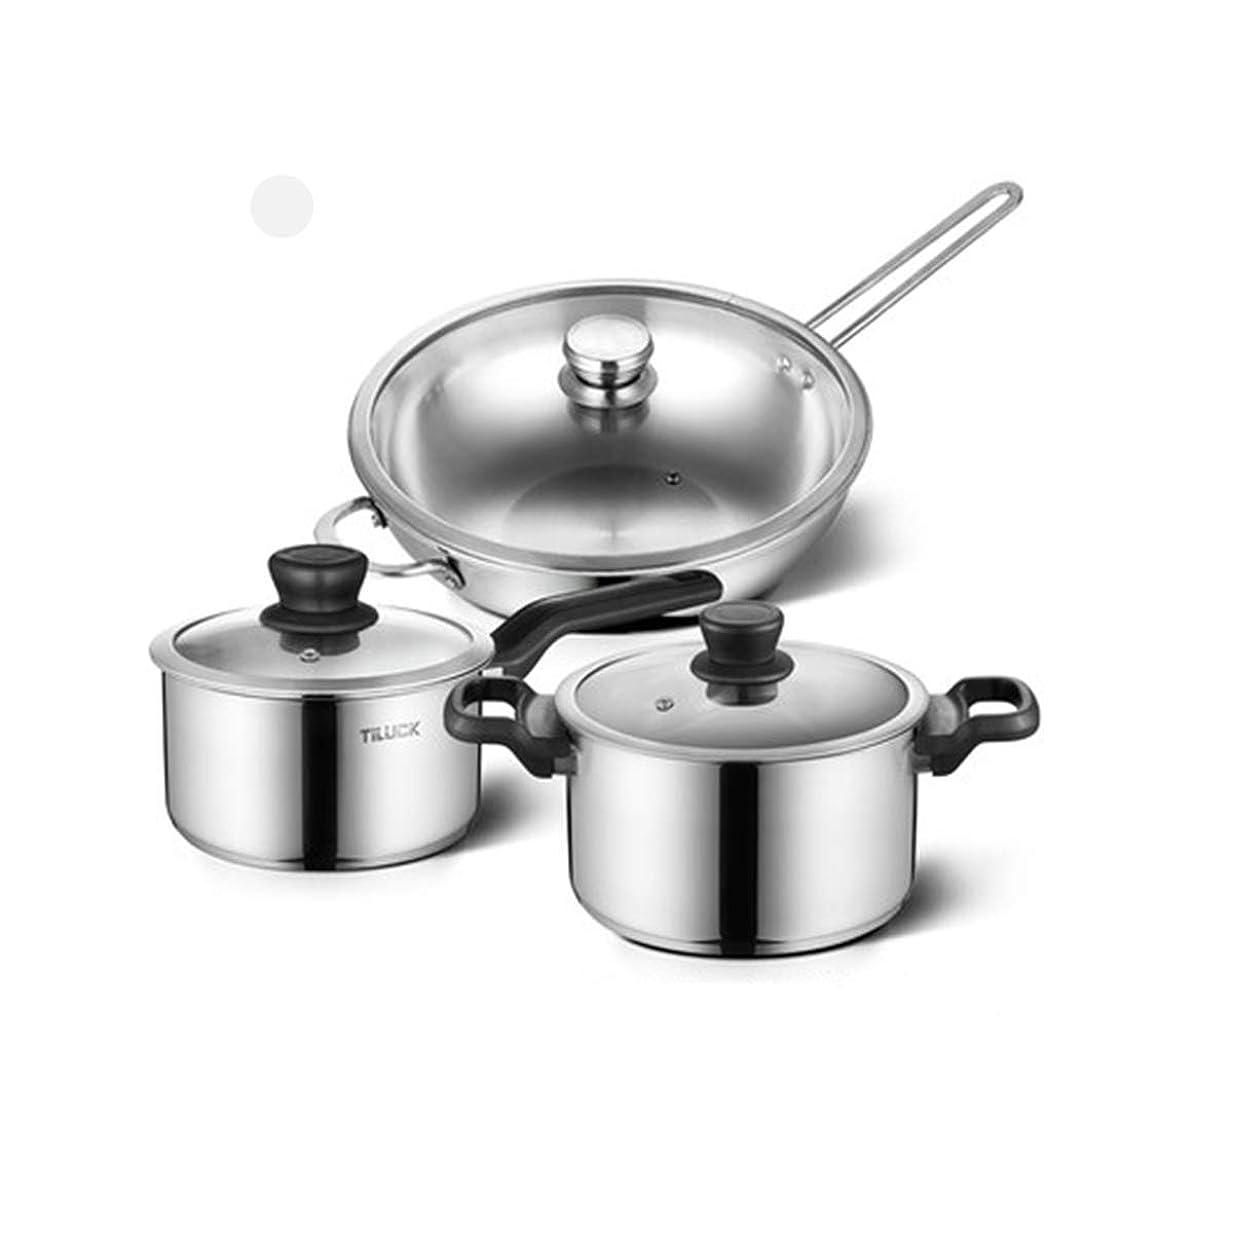 呪われた招待系譜304ステンレス鋼スープ鍋、厚底プレート、鍋セットの組み合わせ、焦げ付き防止パン、ステンレス鋼スリーピースセット、家庭用フライパン、フライパン、中華鍋、セット (Color : Silver, Style : Four-piece)